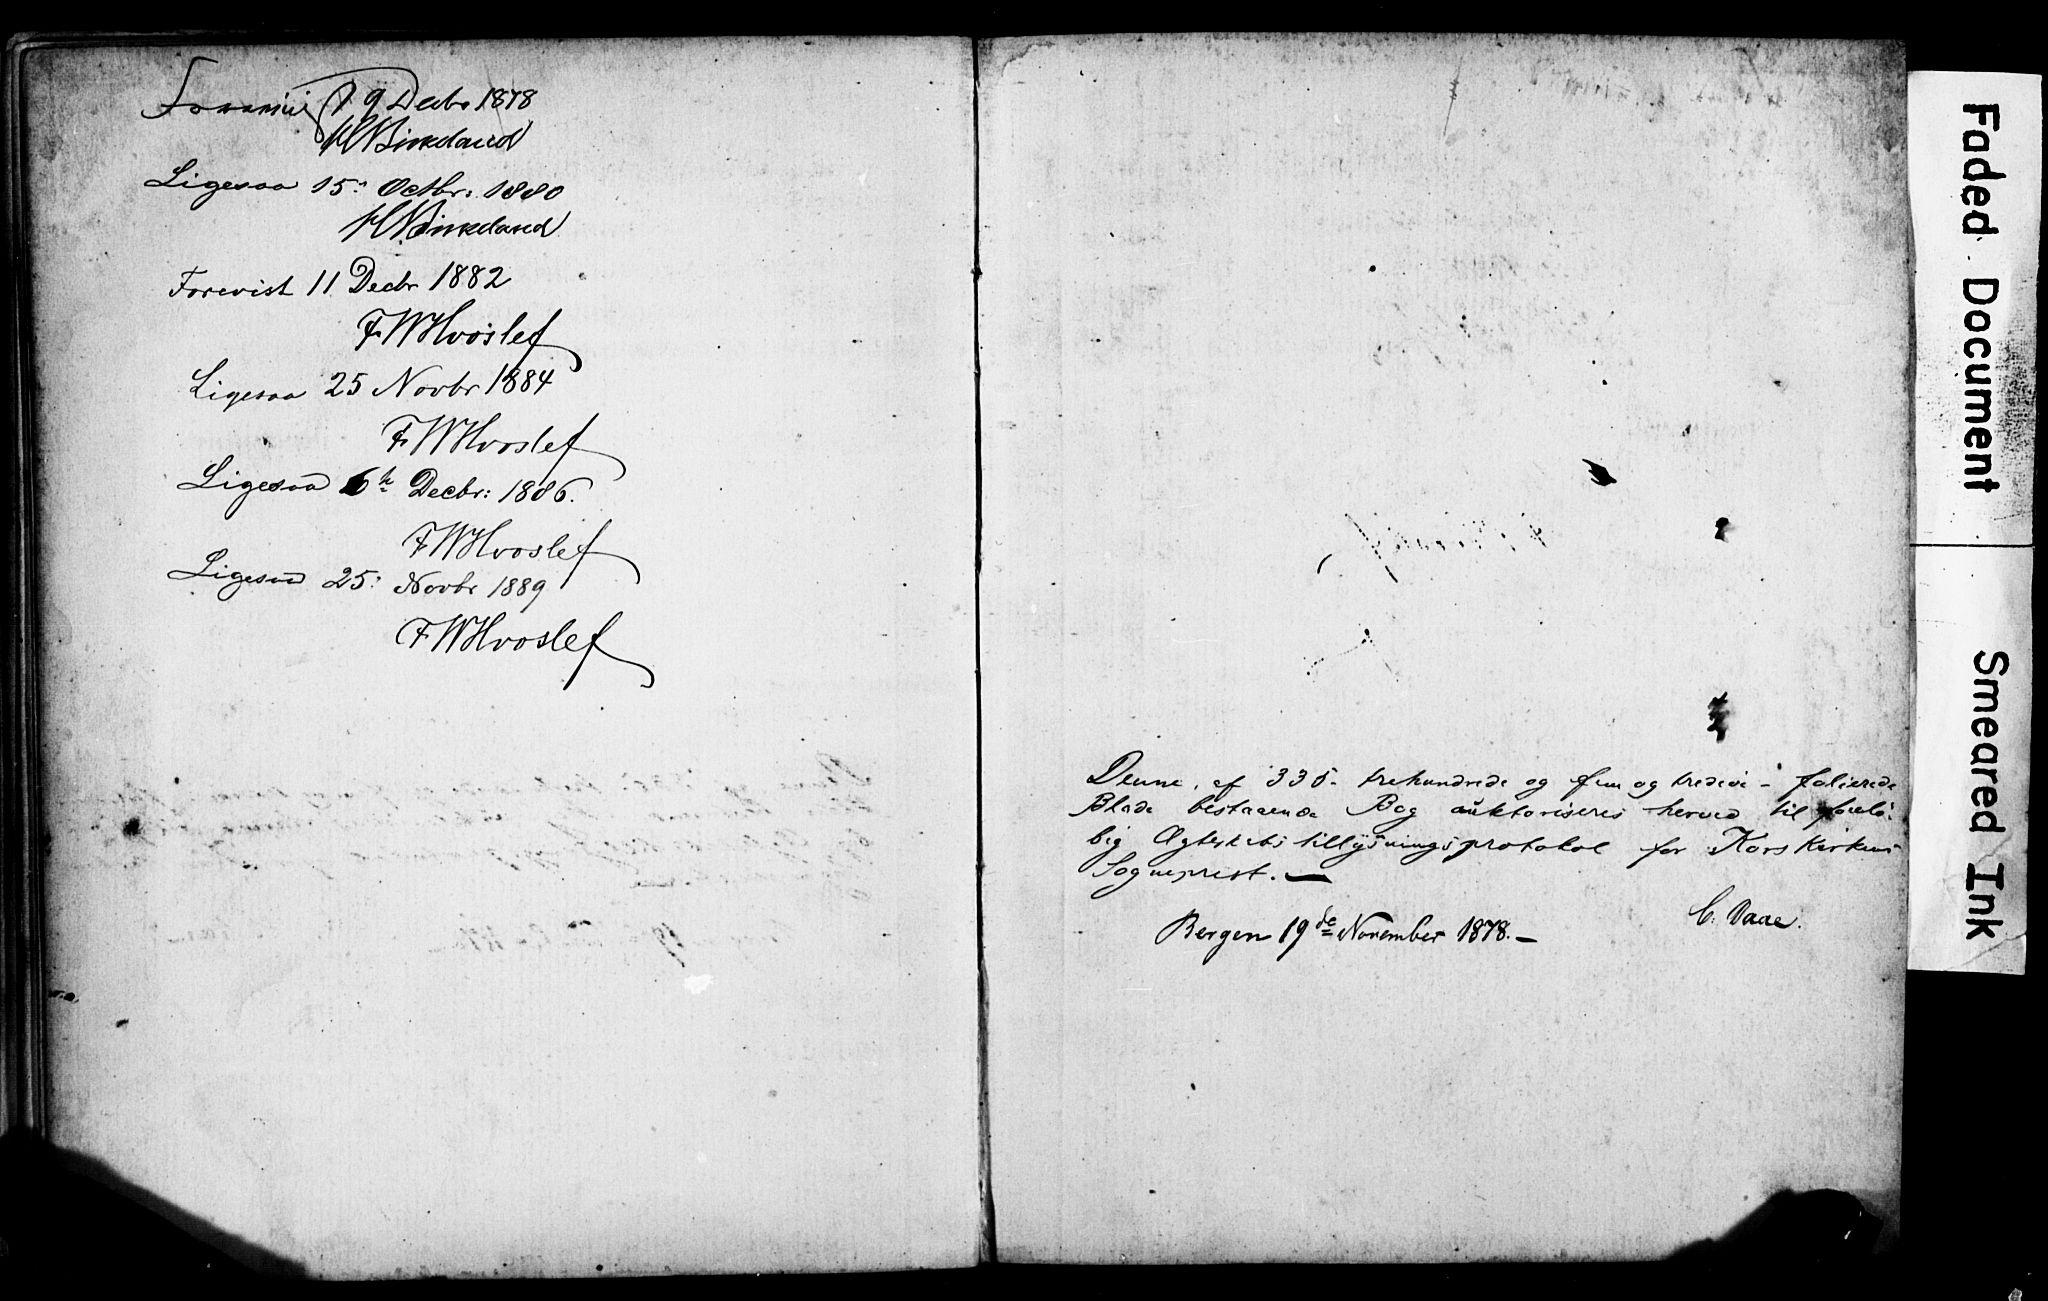 SAB, Korskirken Sokneprestembete, Forlovererklæringer nr. II.5.5, 1878-1889